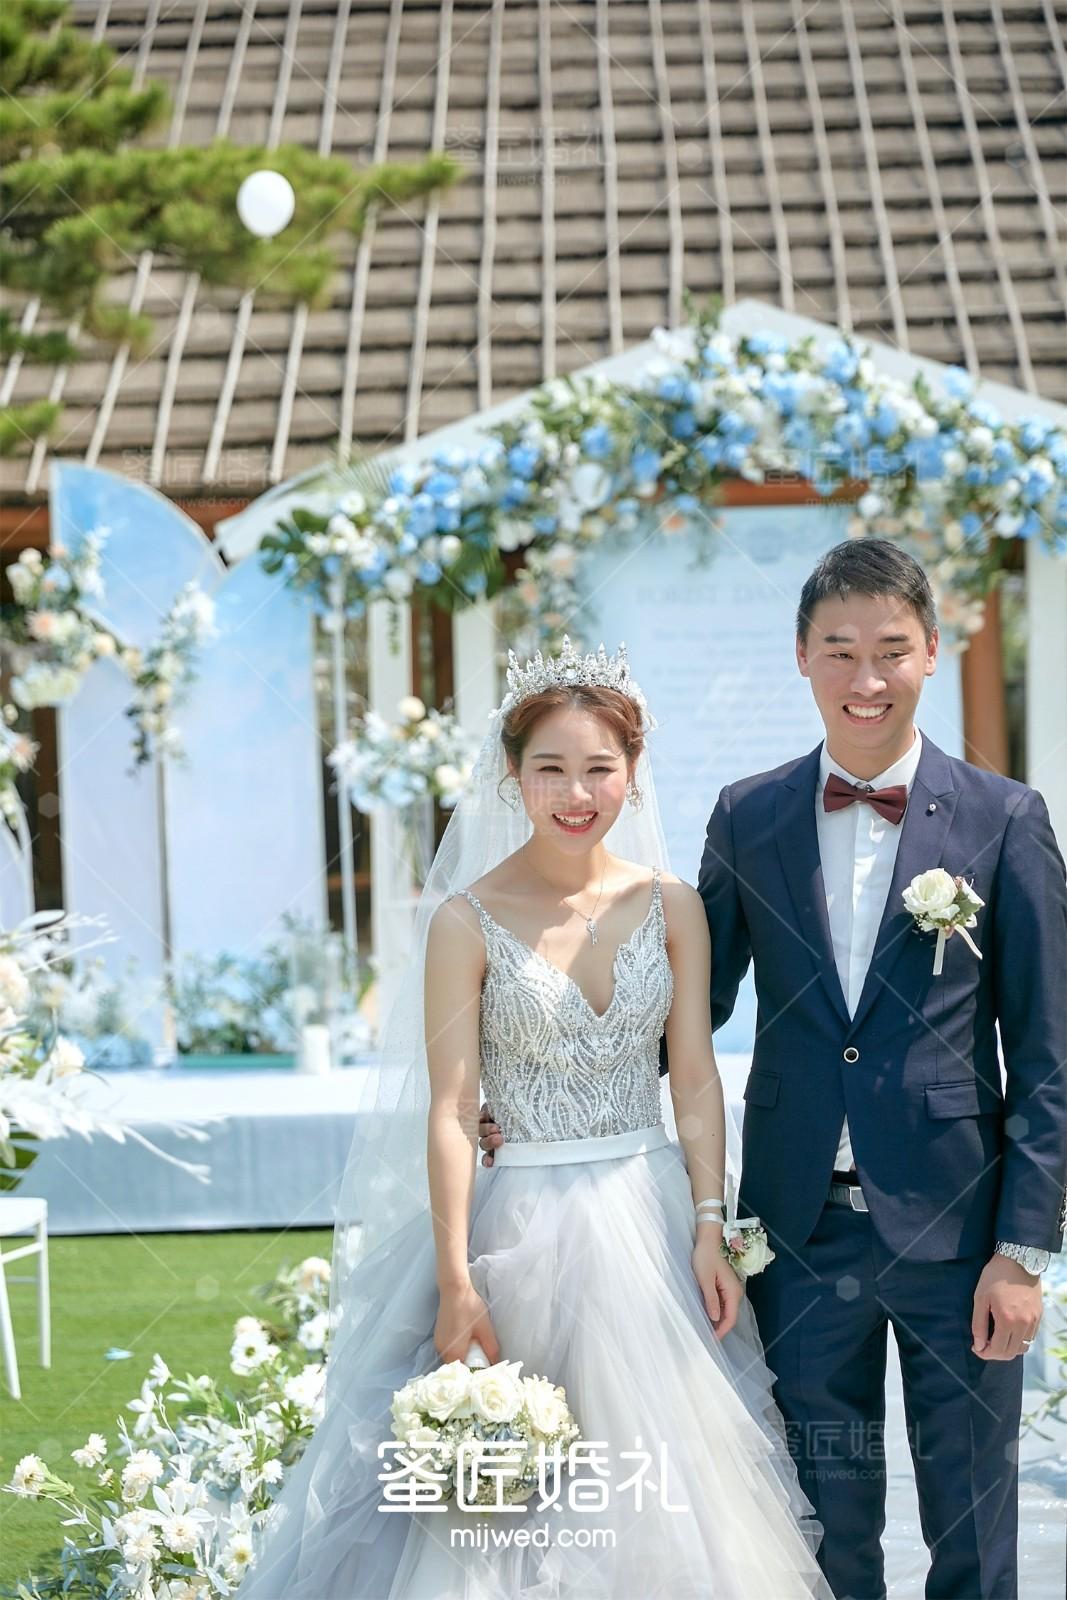 室外西式婚礼有哪些